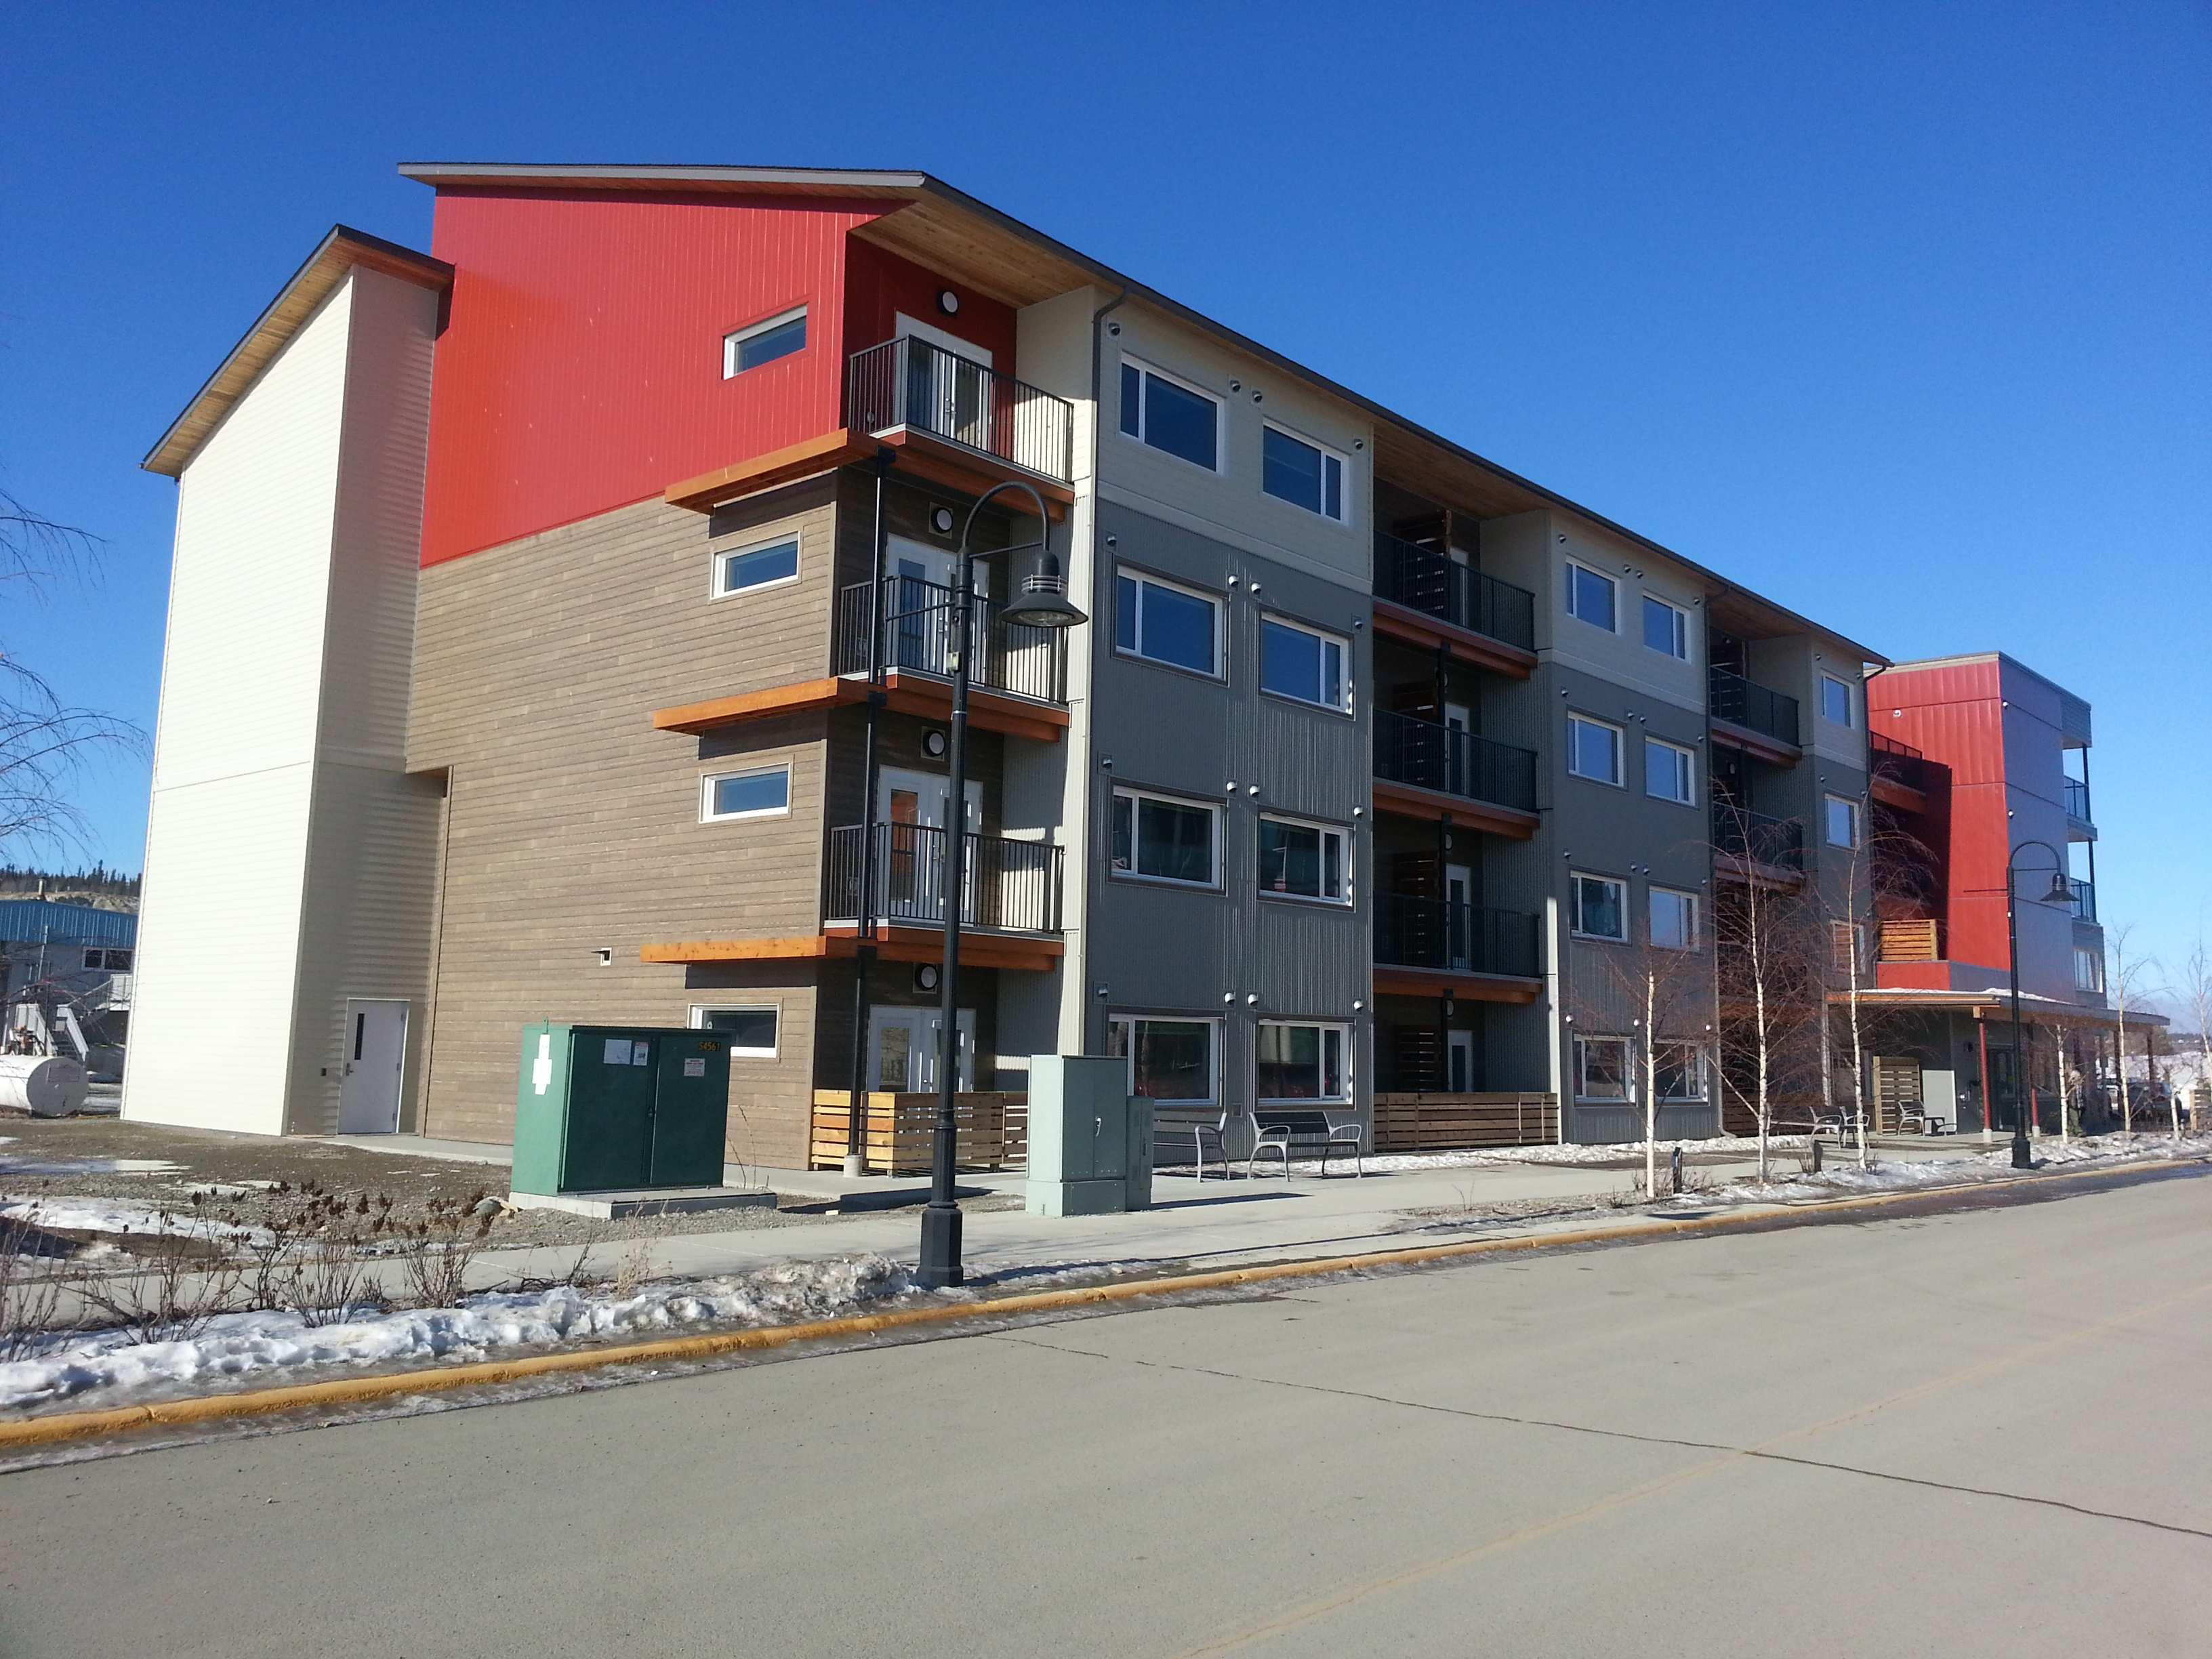 New Seniors Residence Open In Whitehorse 96 1 The Rush